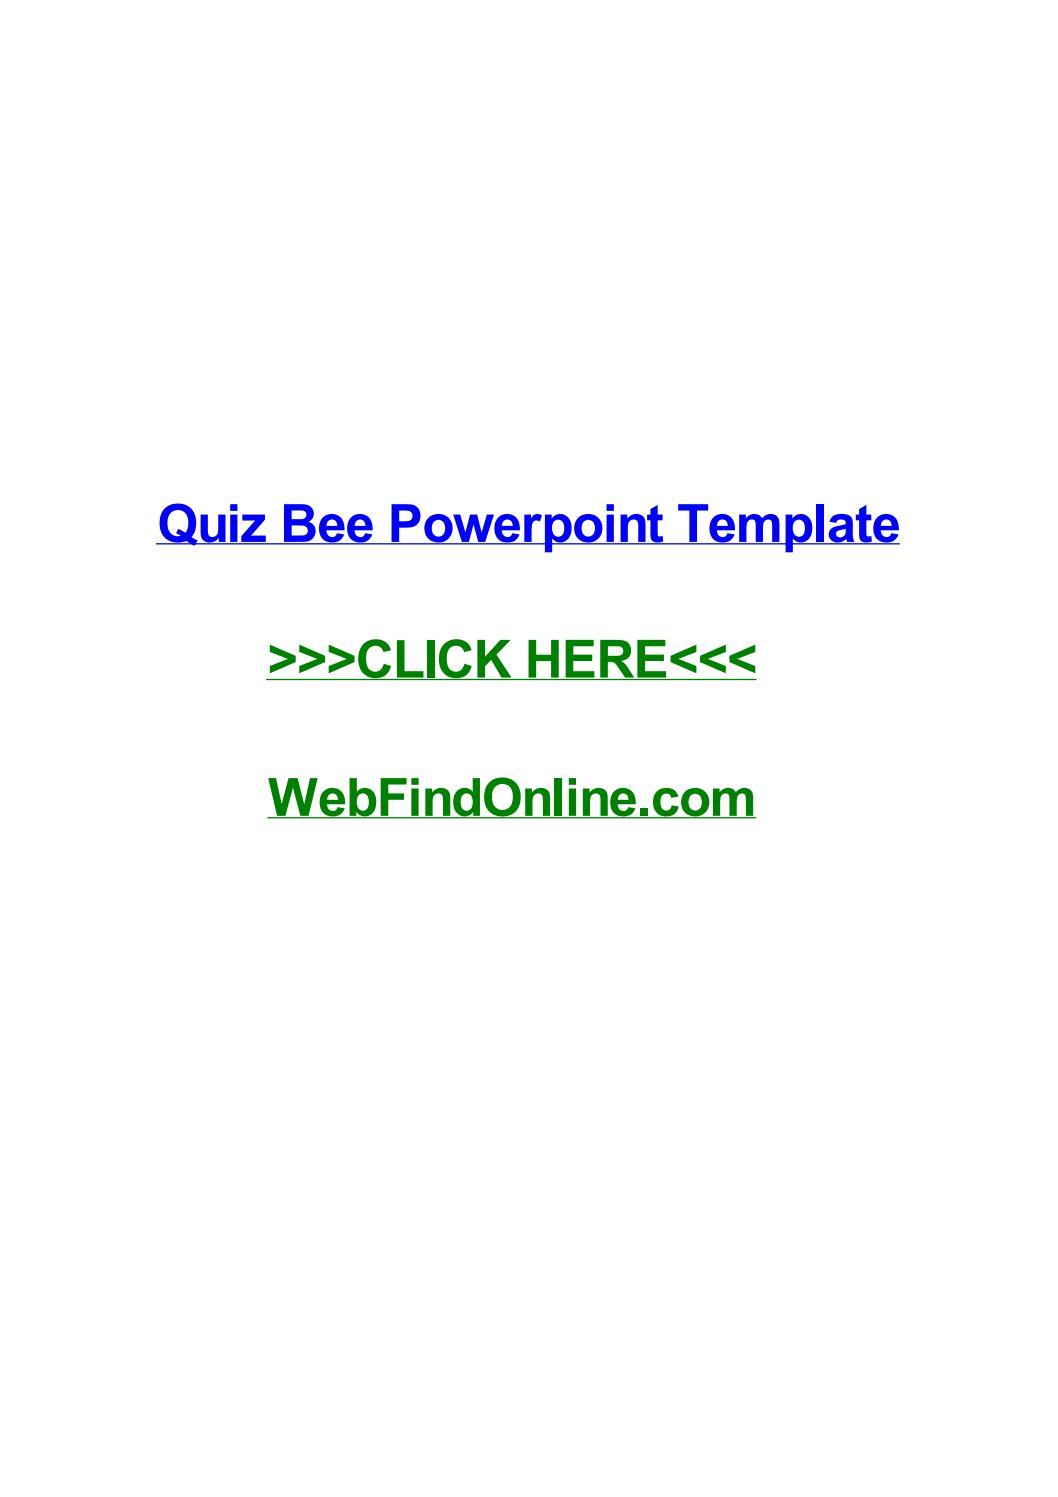 Quiz bee powerpoint template by dreweraf issuu toneelgroepblik Gallery